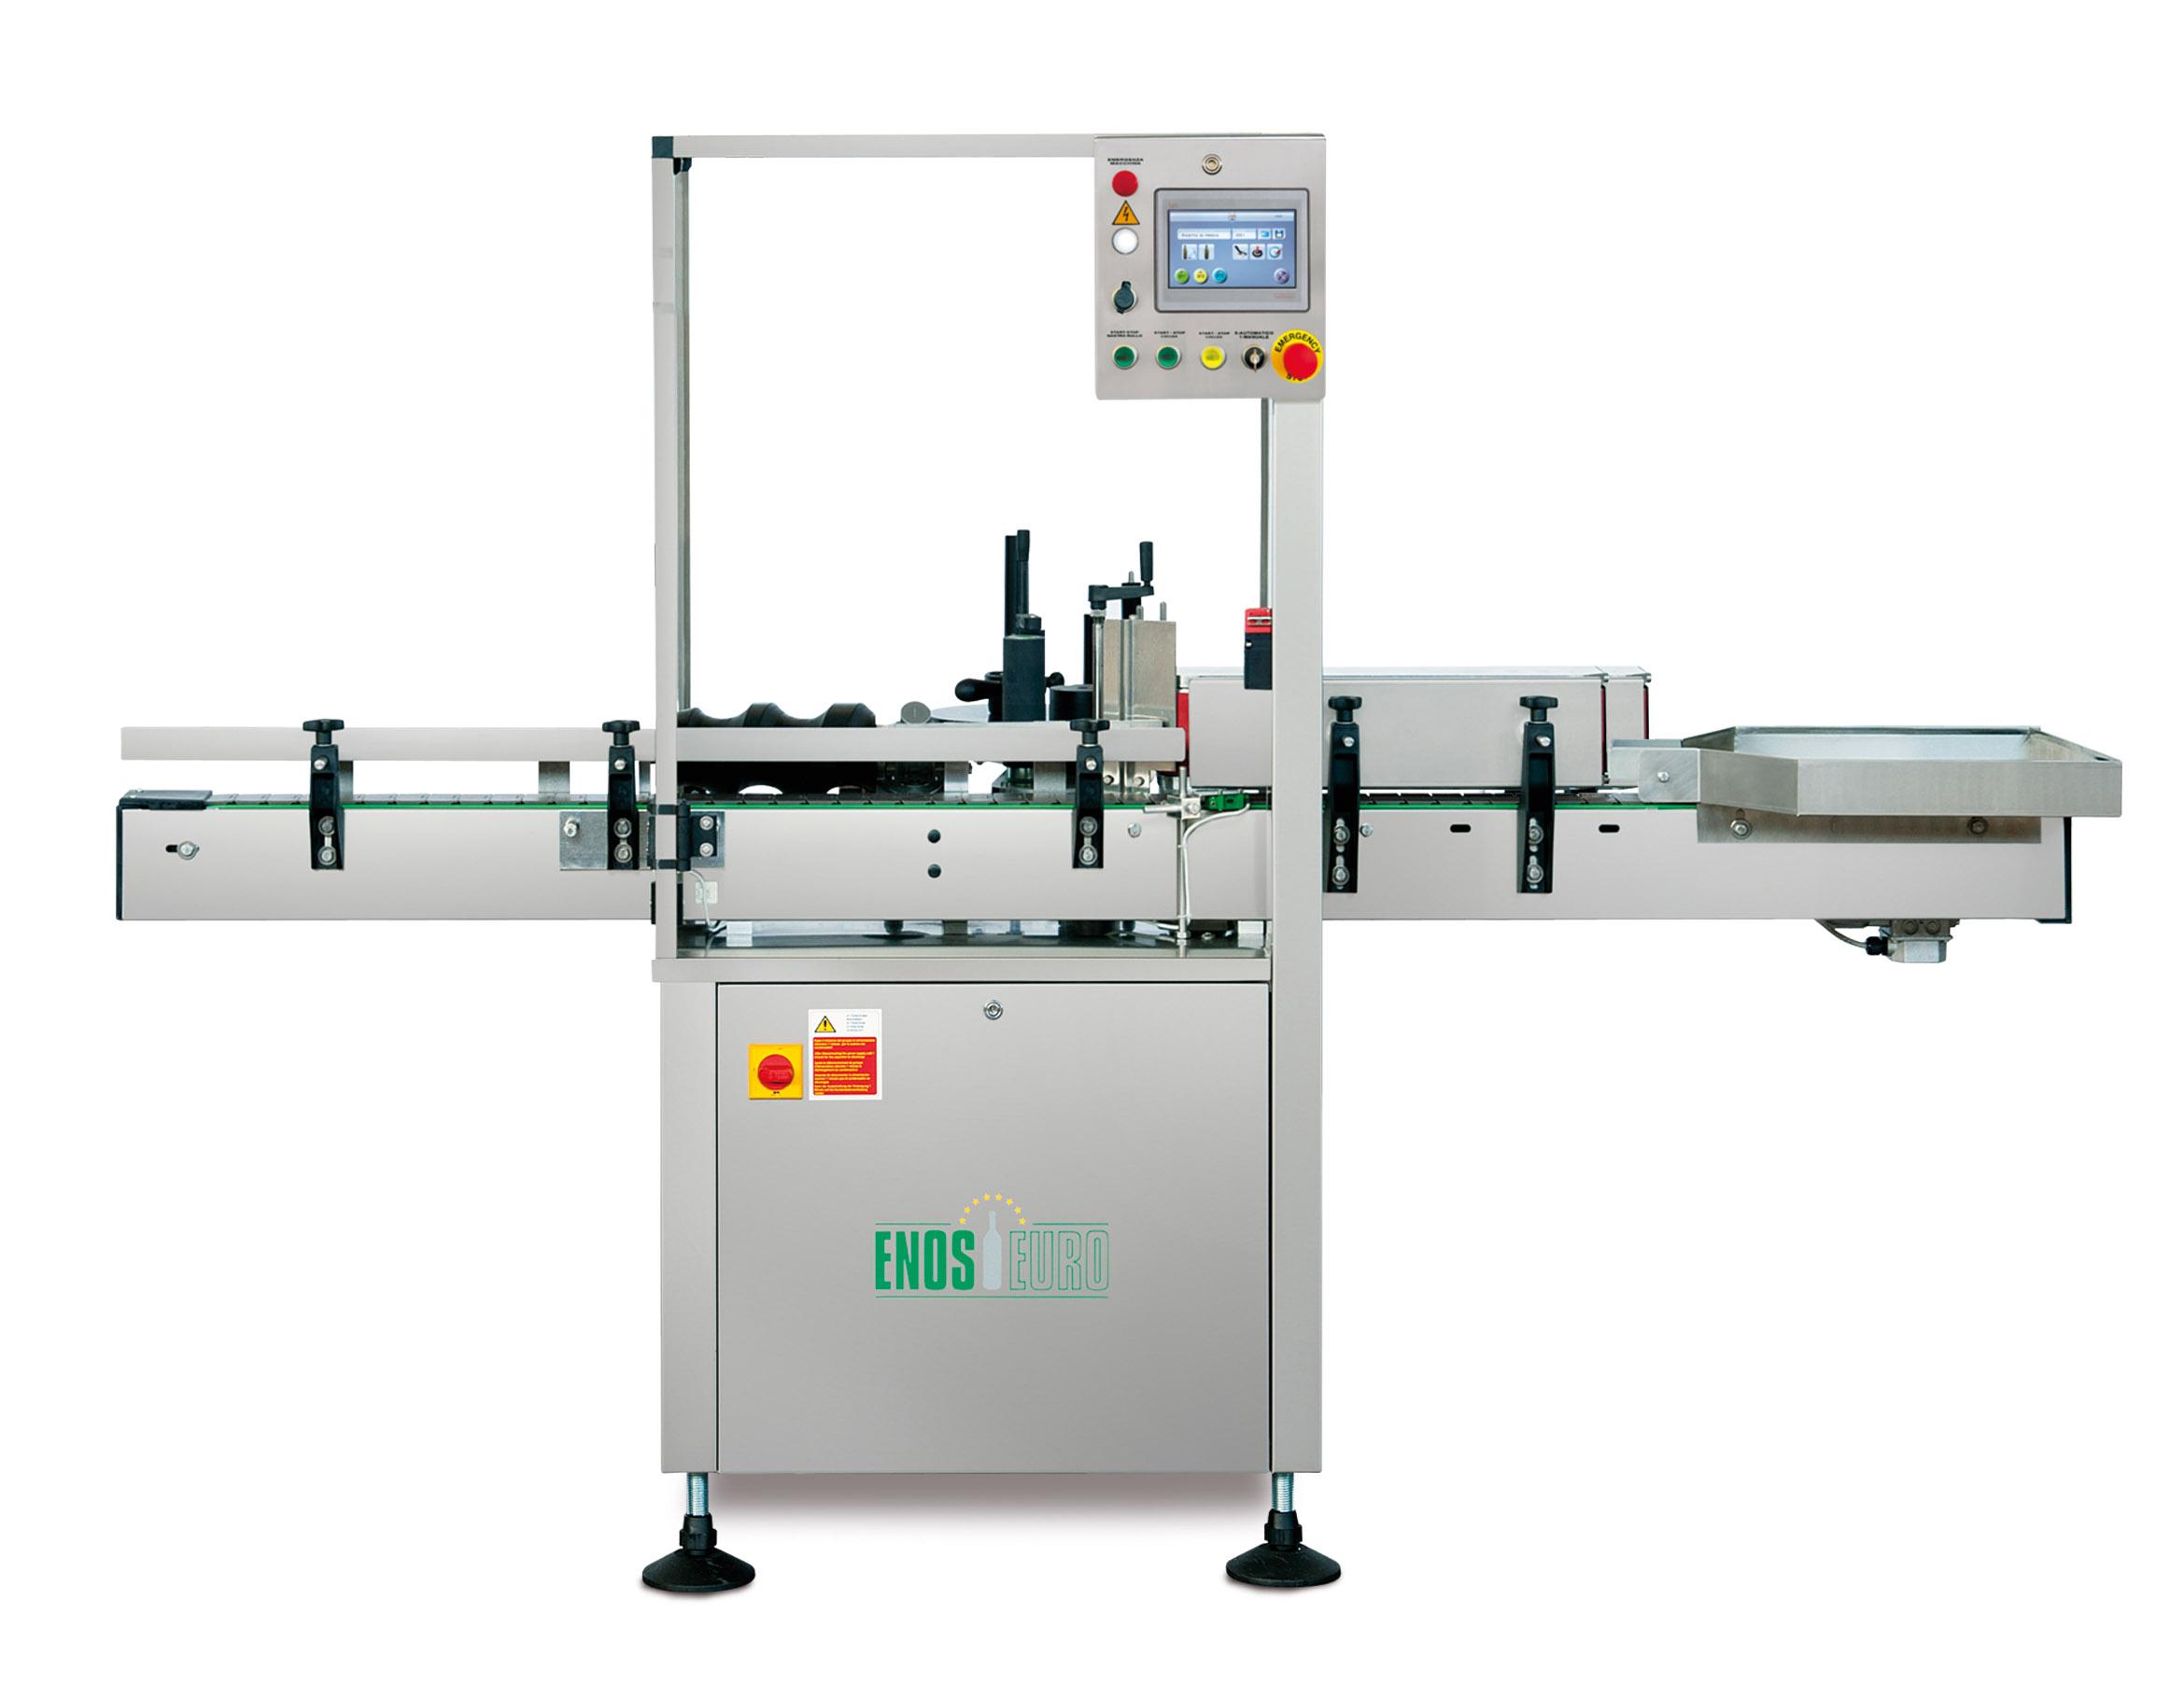 Enos C5000 Labeller